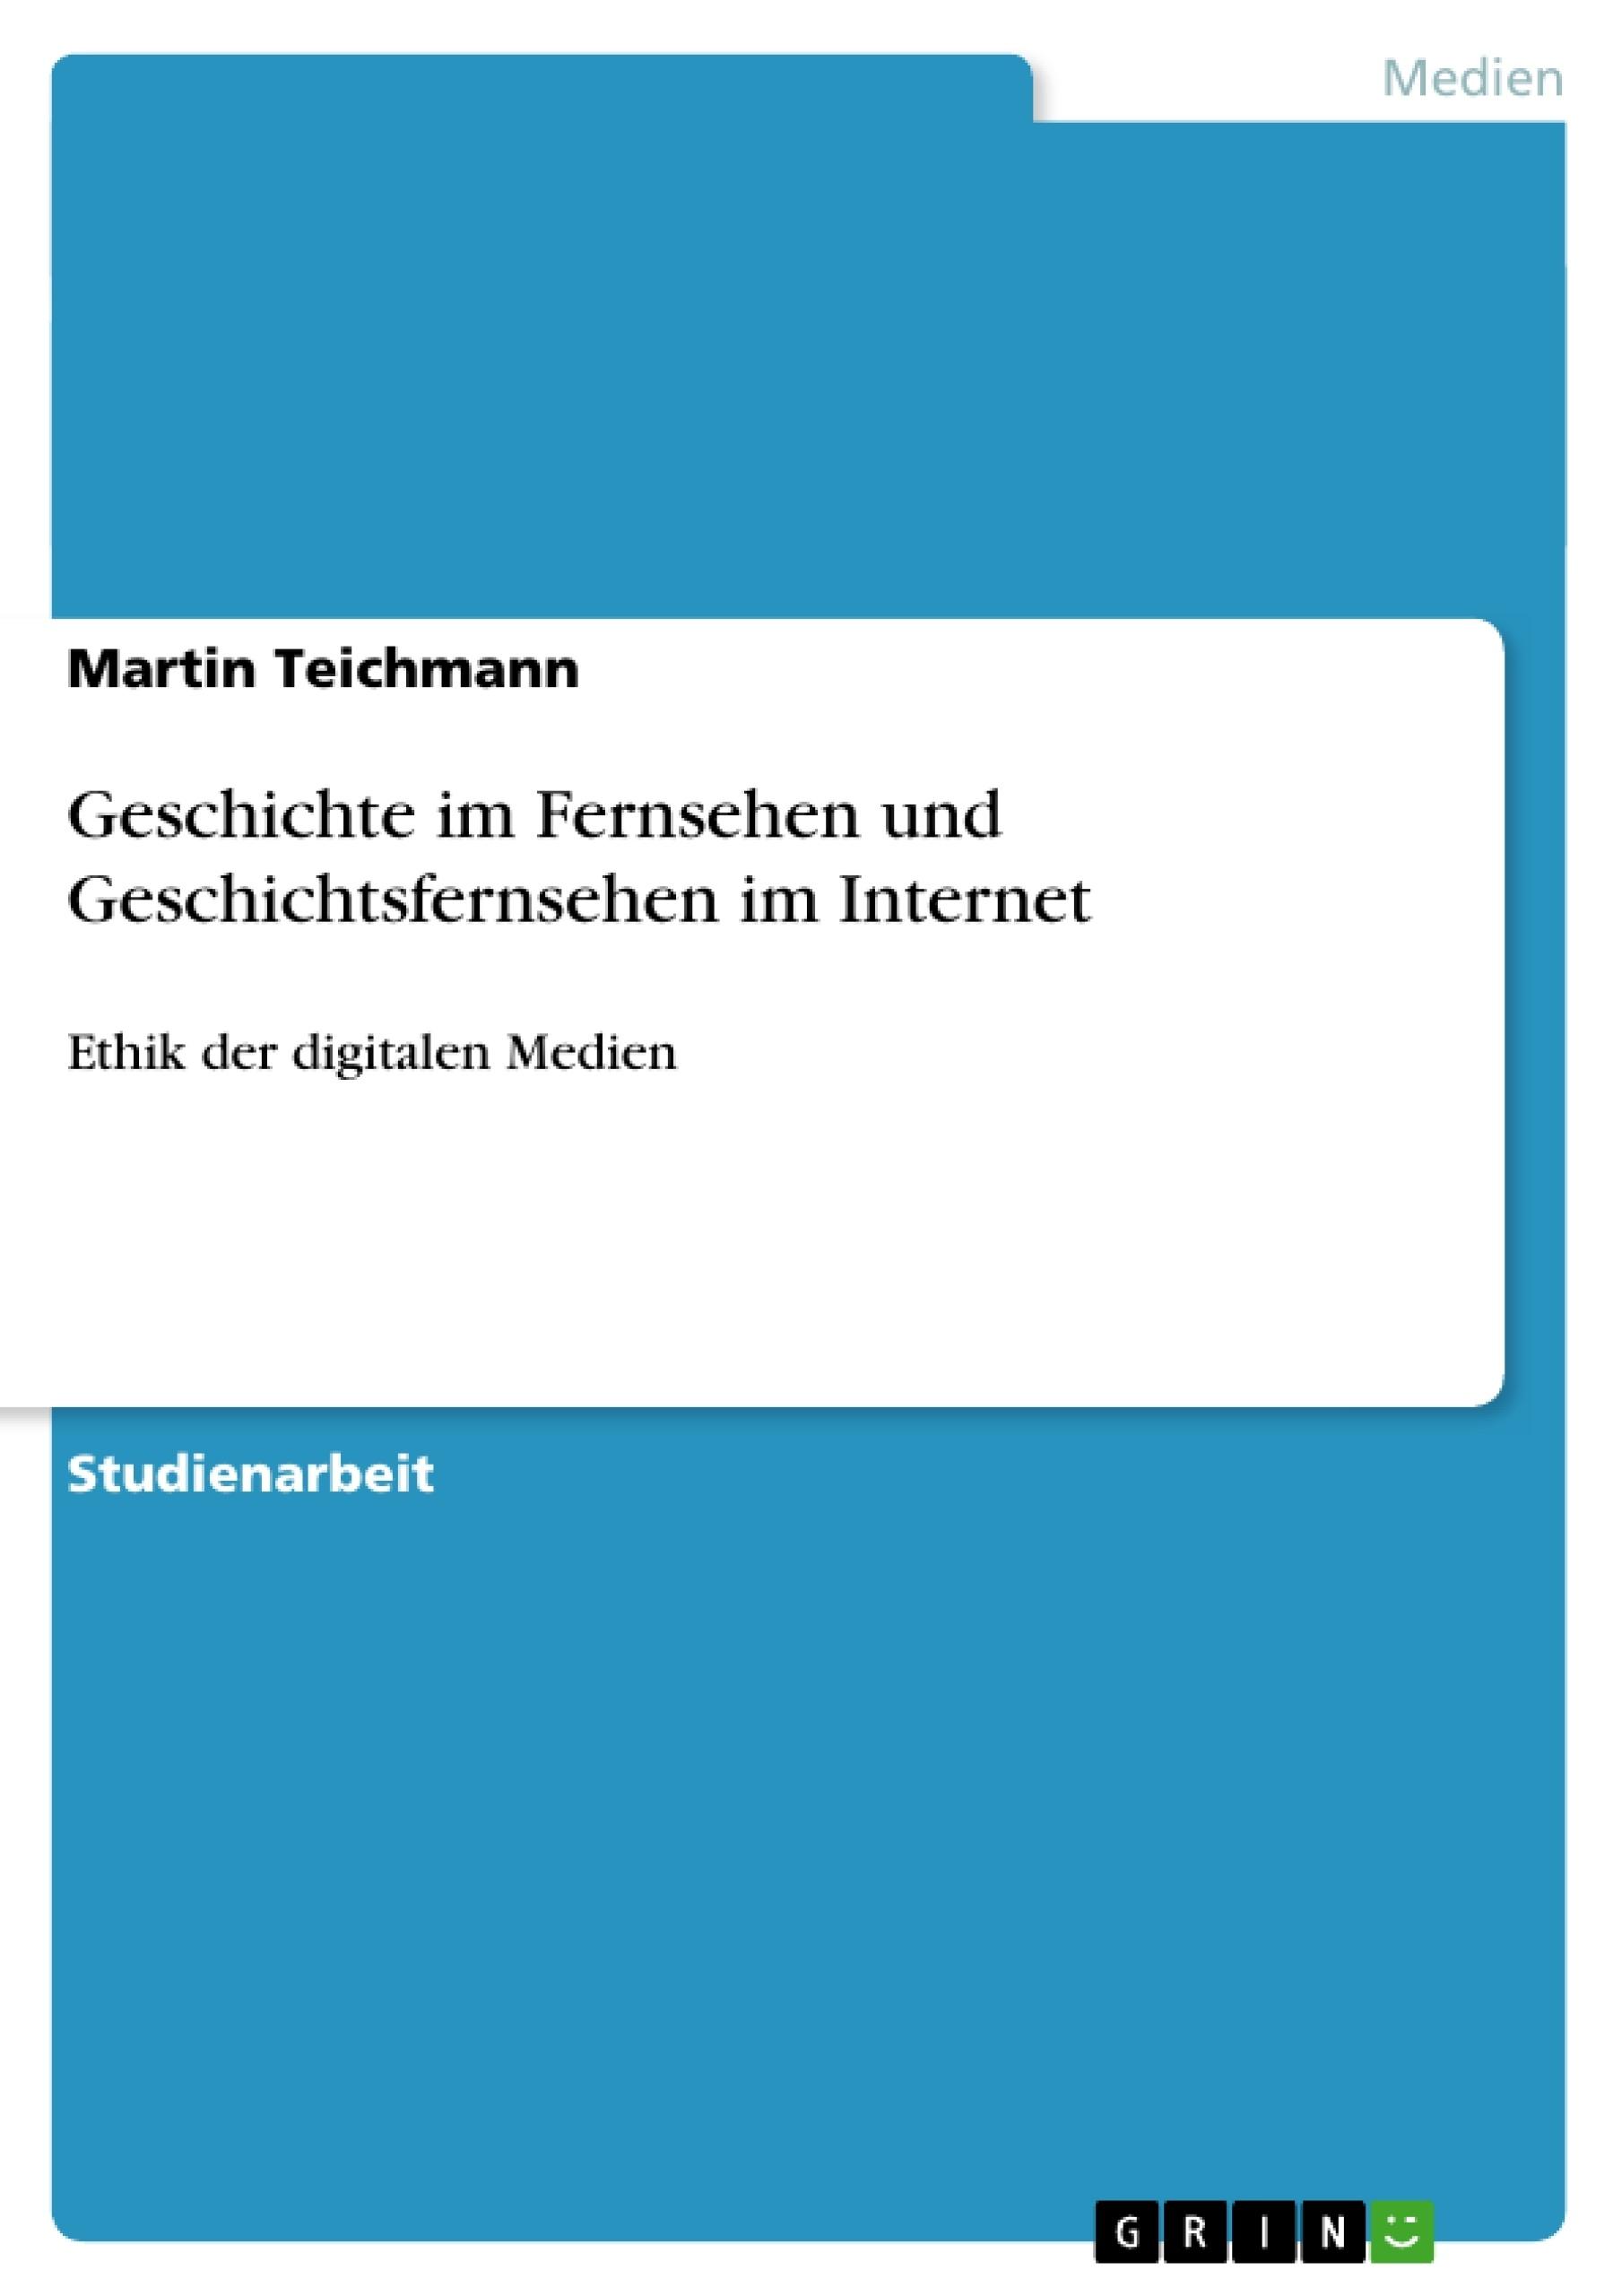 Titel: Geschichte im Fernsehen und Geschichtsfernsehen im Internet